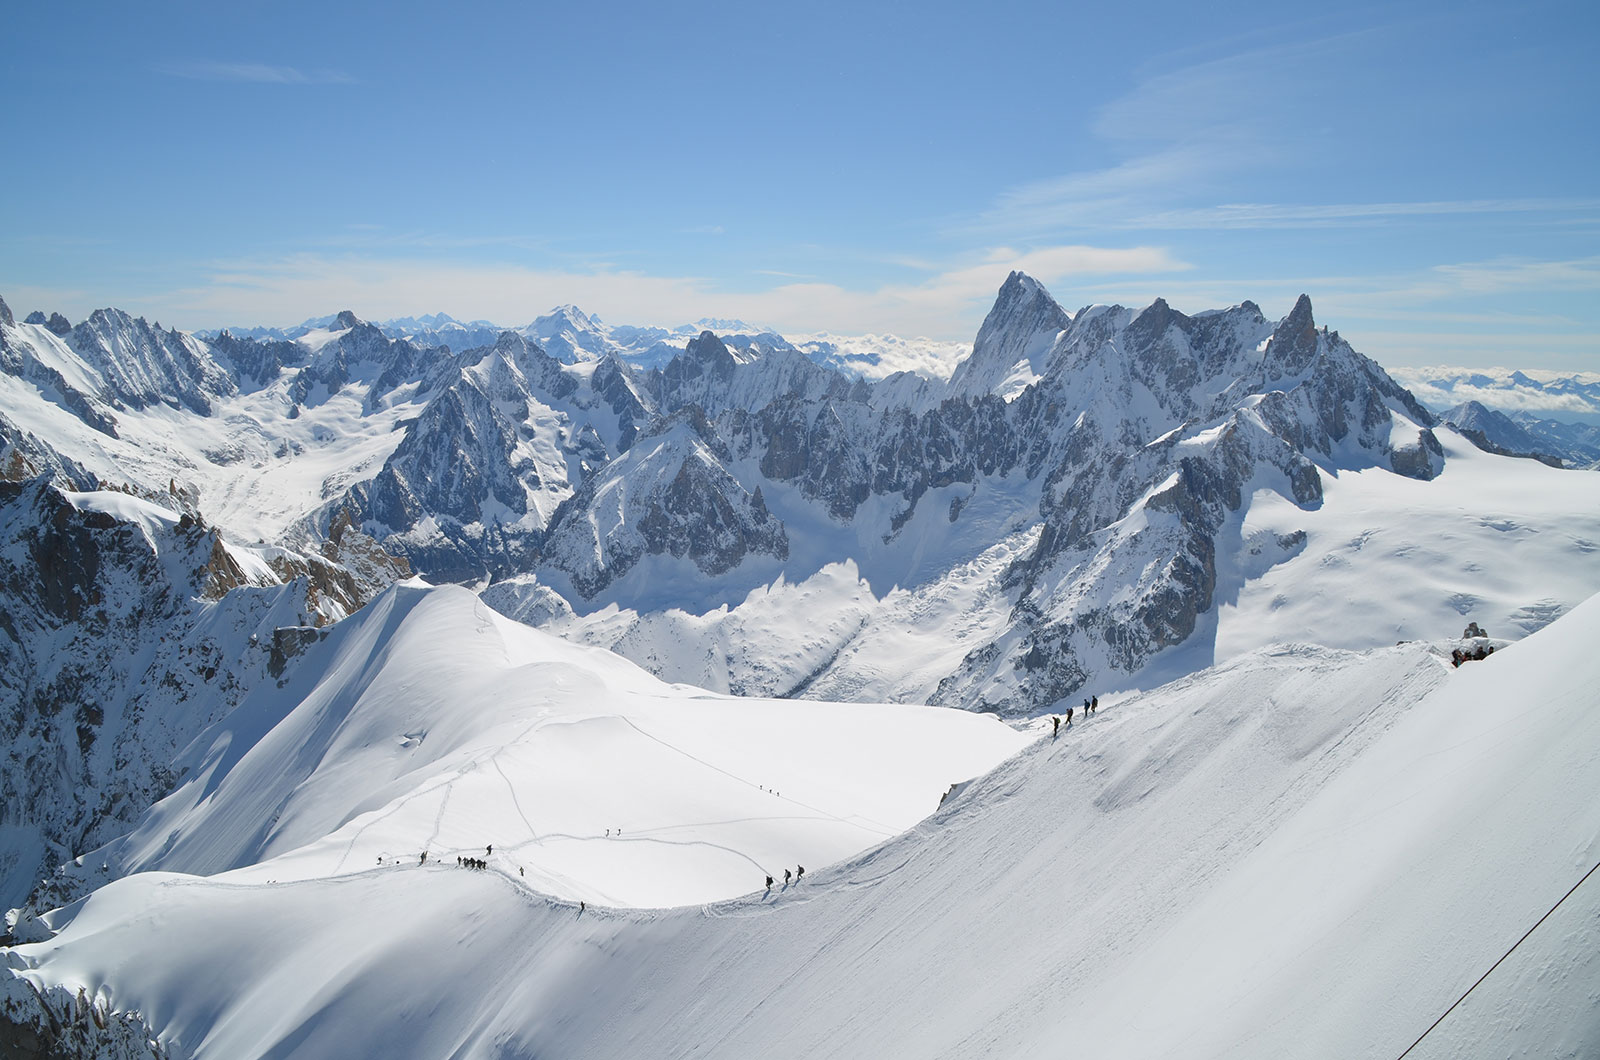 T l ph rique de l 39 aiguille du midi savoie mont blanc - Office de tourisme chamonix mont blanc ...